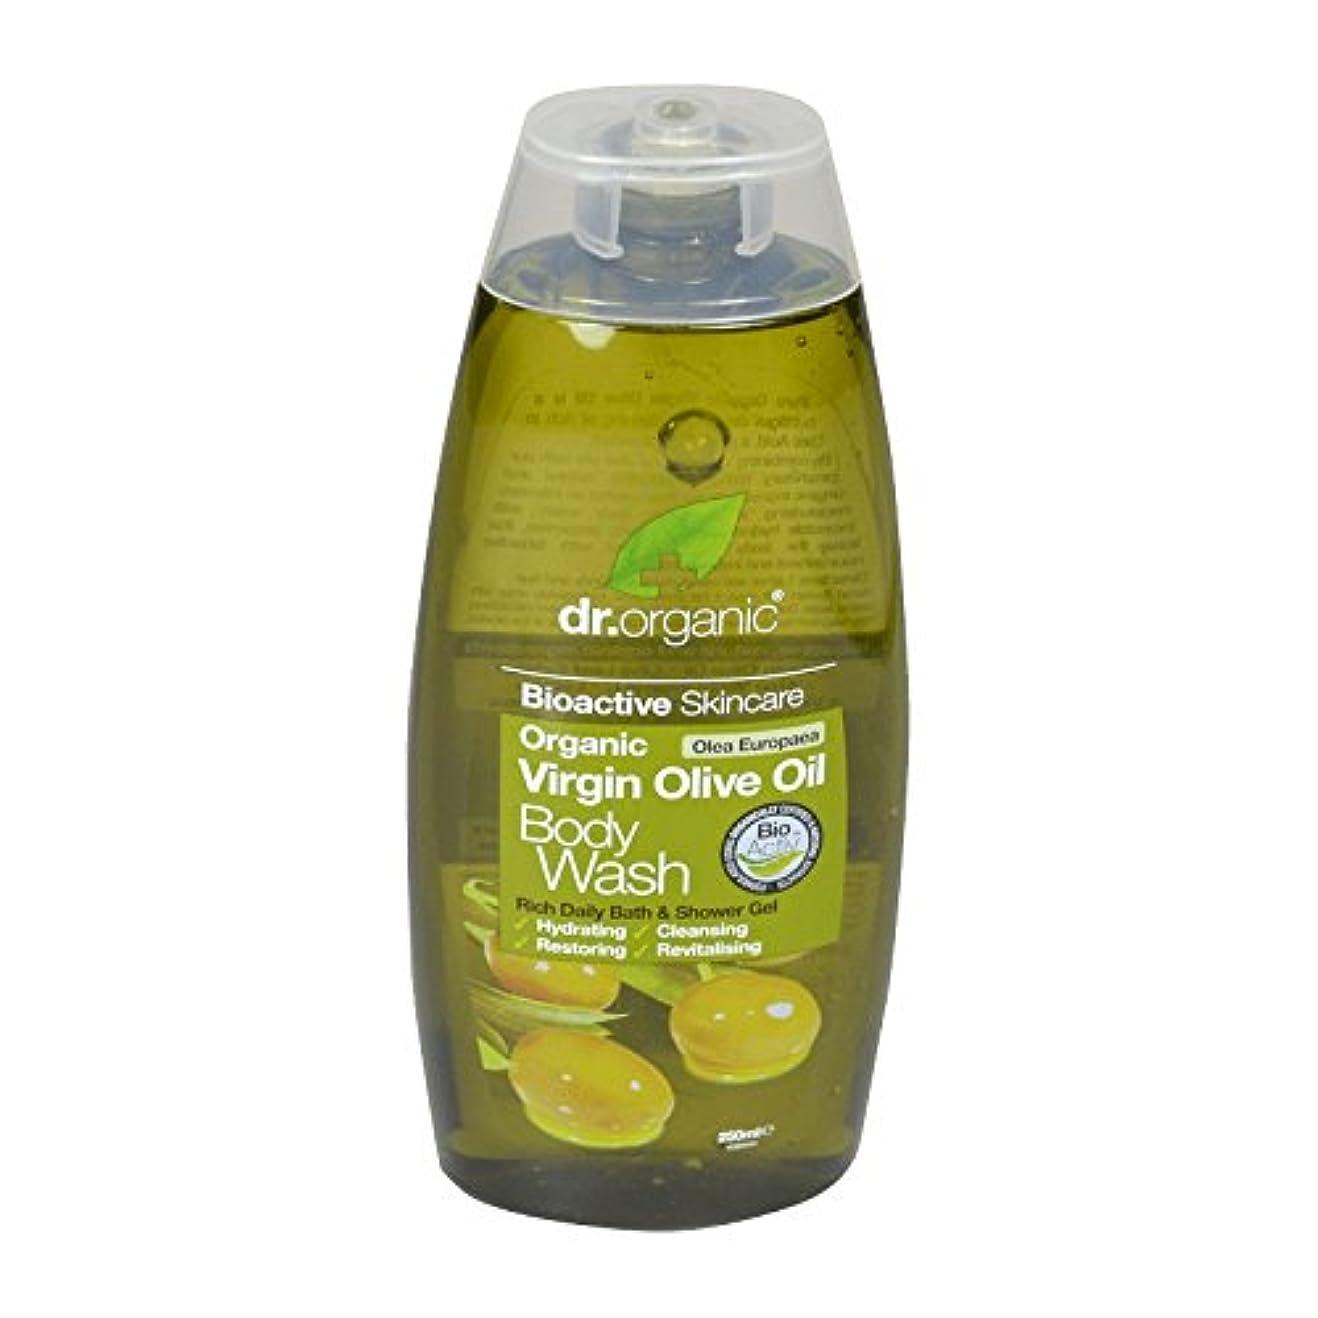 否認する伝記シェードDr Organic Virgin Olive Oil Body Wash (Pack of 2) - Dr有機バージンオリーブオイルボディウォッシュ (x2) [並行輸入品]